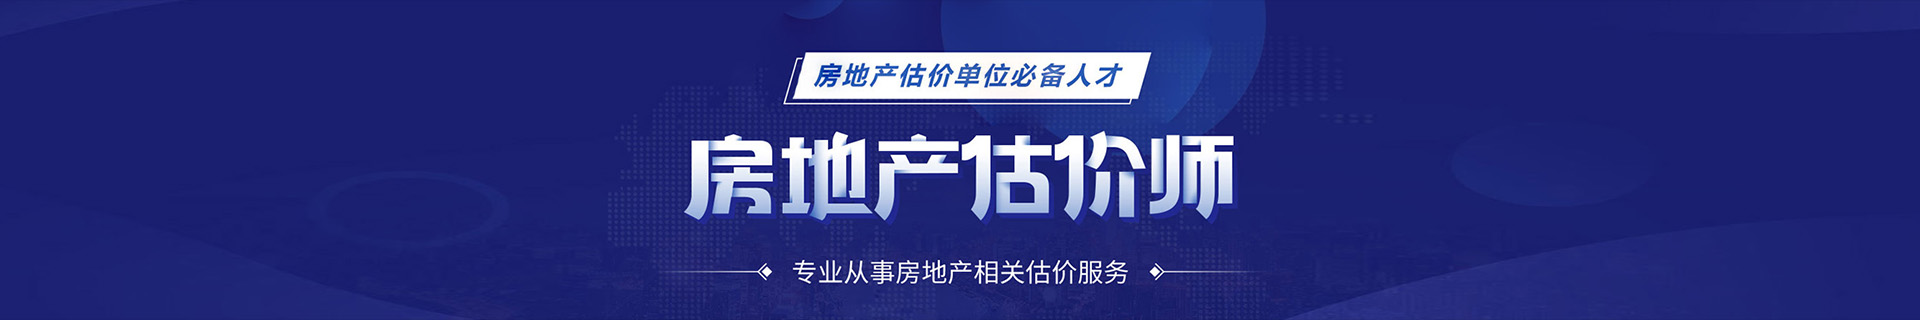 陕西咸阳优路教育培训学校